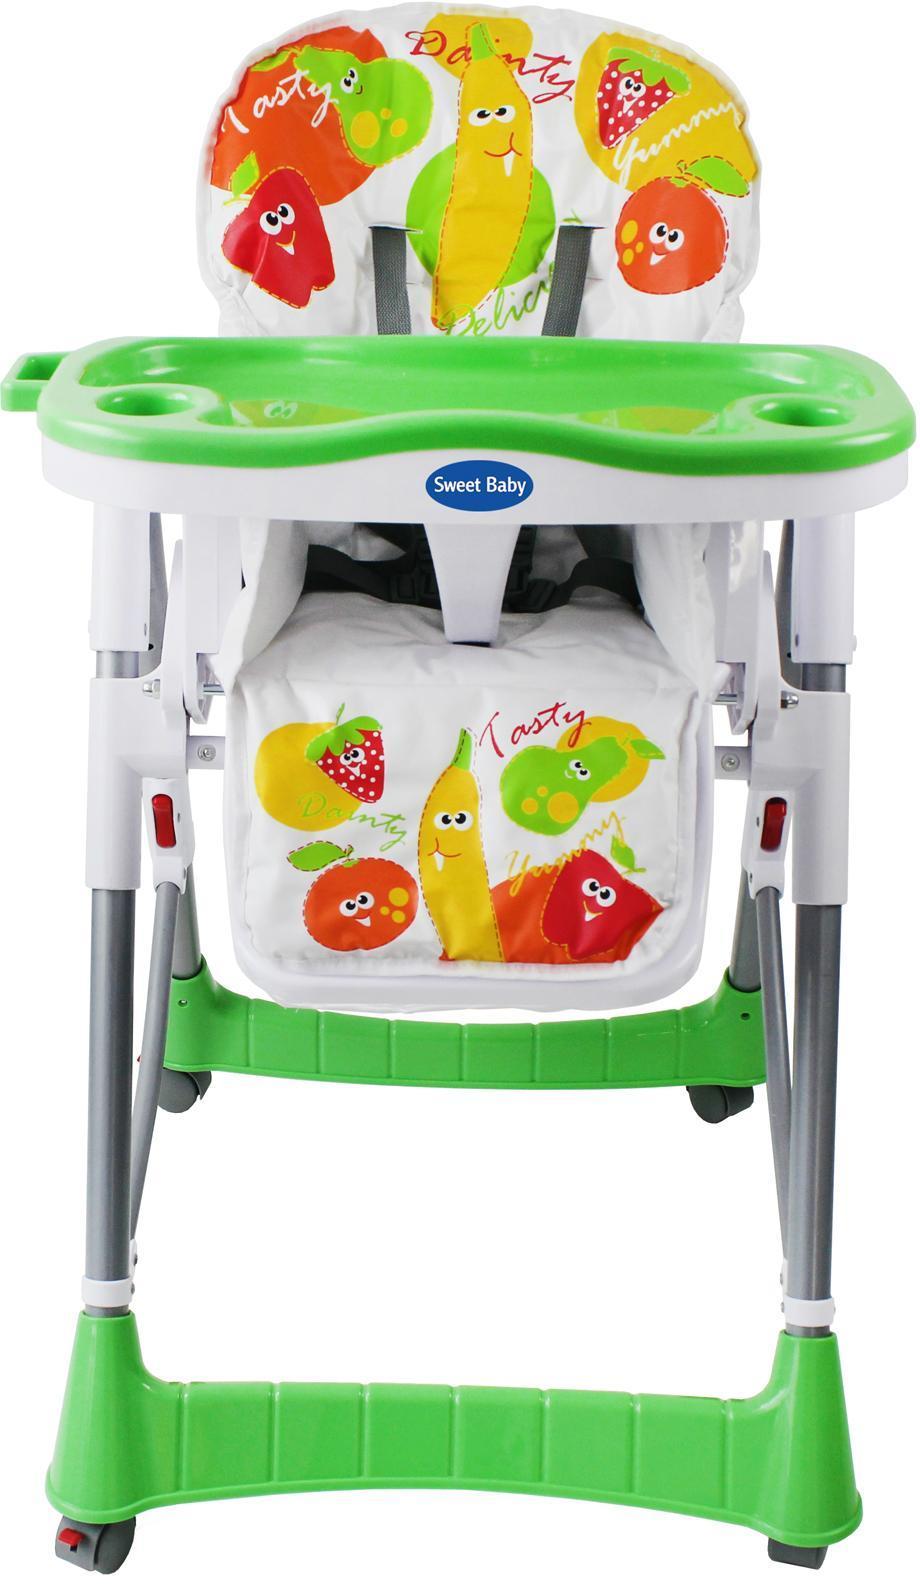 Стульчик для кормления Sweet Baby Frutto Emerald, цвет: зеленый286692Sweet Baby Frutto - яркий, стильный, качественный и вместе с тем не дорогой стульчик для кормления Вашего крохи, который прекрасно впишется в любой интерьер. Стульчик для кормления Sweet Baby Frutto - это идеальное сочетание функциональности и удобства. Возраст от 6 месяцев до 3 лет очень важен для формирования детского организма, особенно позвоночника. Поэтому крайне важно выбрать стульчик для кормления максимально безопасный и удобный для малыша. Sweet Baby Frutto соответствует важнейшим критериям: Удобный: Все элементы конструкции были продуманы с особой тщательностью, чтобы малыш чувствовал себя комфортно и свободно. Стульчик оснащен регуляторами для настройки положения спинки, высоты стульчика, уровня подножки. Дизайн: 5-точечный ремень с регуляцией по длине отлично фиксирует положение ребенка, не сдавливая его грудную клетку и животик. Между столиком и малышом предусмотрен специальный зазор с регулировкой, а закрытые боковые...